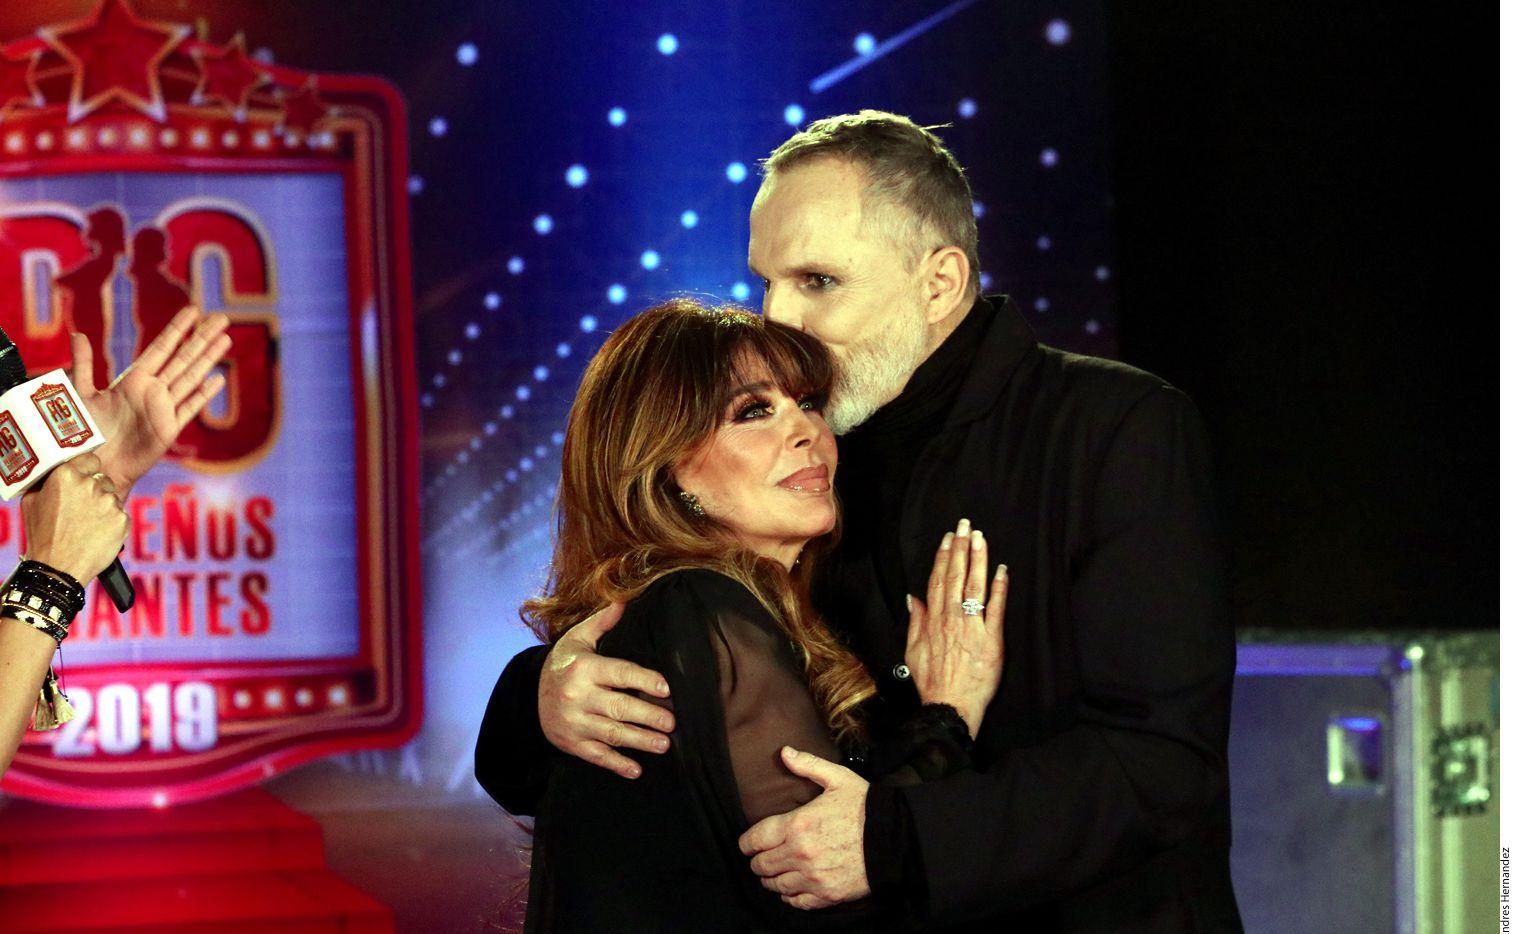 Luego de más de dos décadas de no verse, Verónica Castro y Miguel Bosé se reencontraron ayer en Televisa para grabar unos promocionales del programa Pequeños Gigantes, en el que ambos fungirán como jueces. (AGENCIA REFORMA)